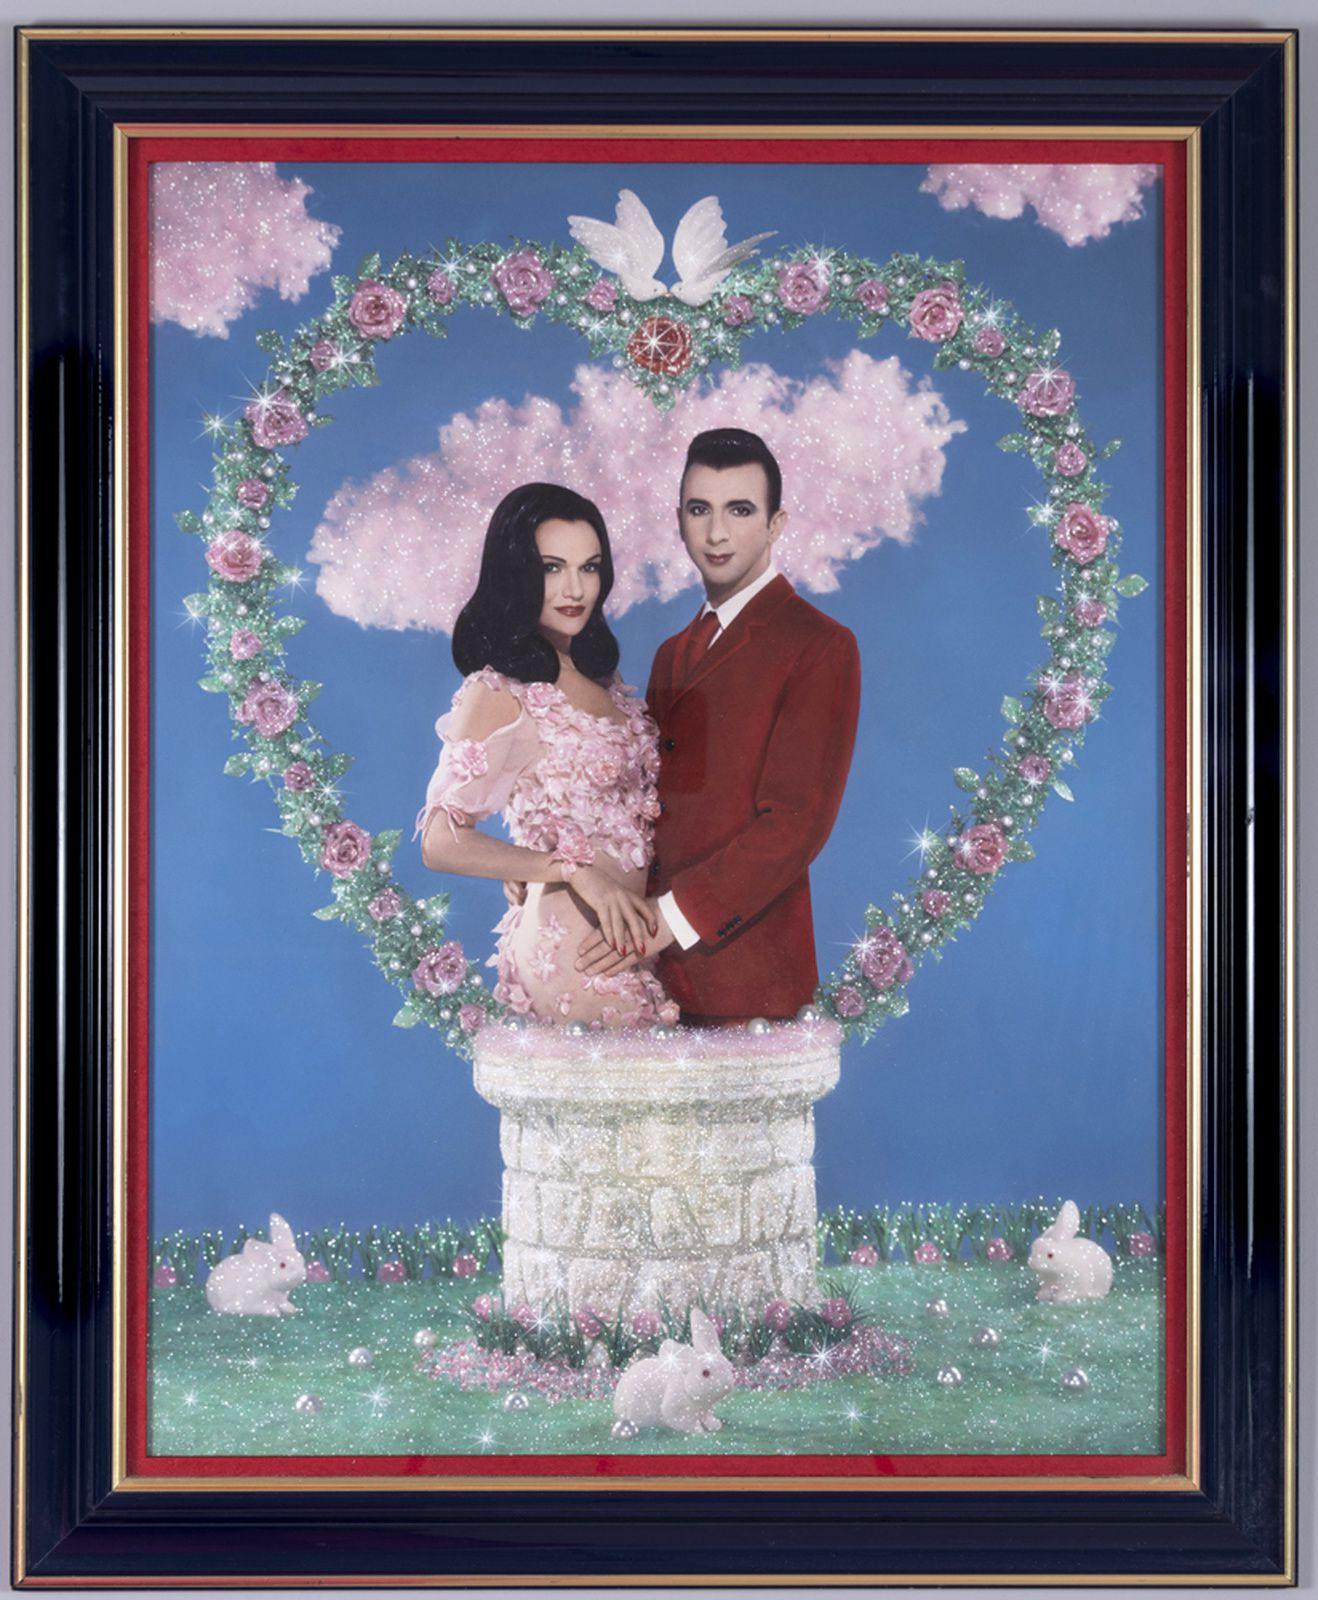 """""""Le mystère de l'amour - Marie France et Marc Almond"""", 1992 de PIERRE et GILLES - Courtesy des artistes"""